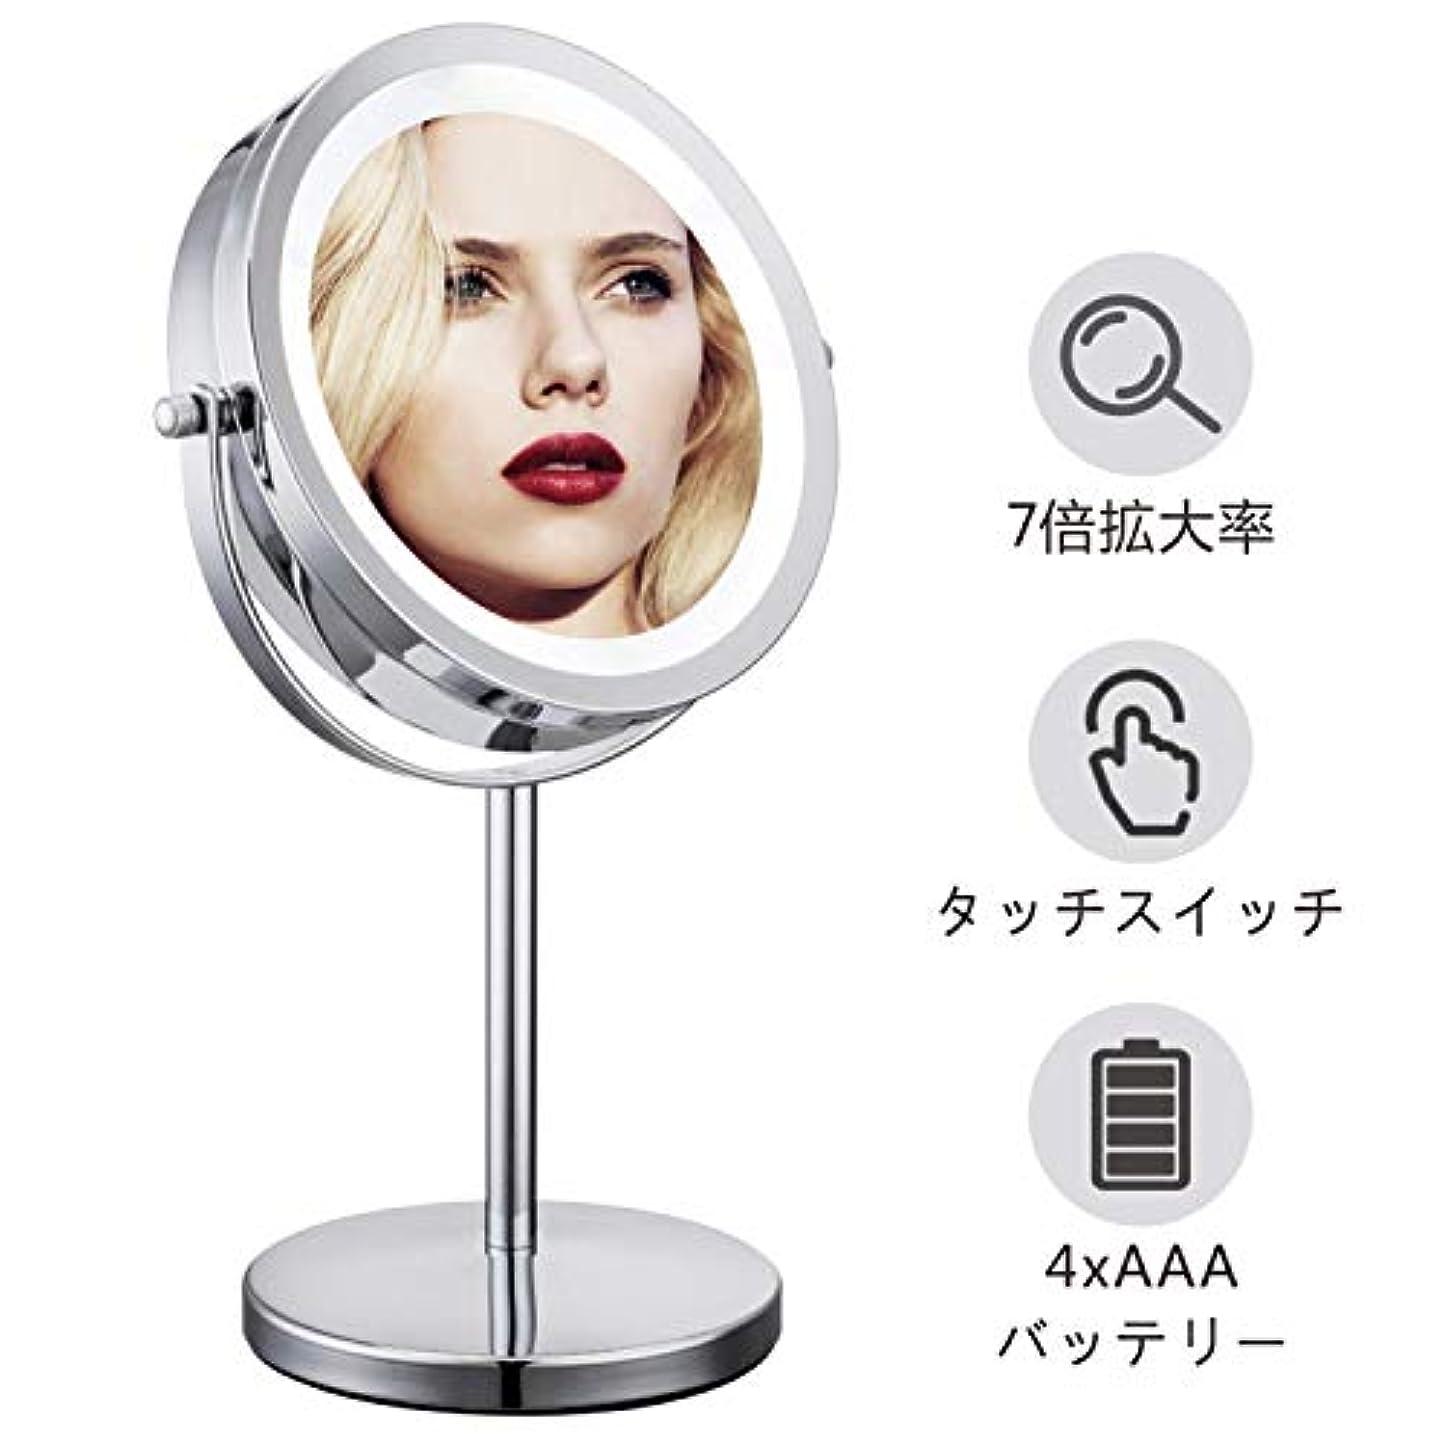 夜明けに発送気難しいMinracler 化粧鏡 7倍拡大 卓上 化粧ミラー led両面鏡 明るさ調節可能 360度回転 (鏡面155mmΦ) 電池給電